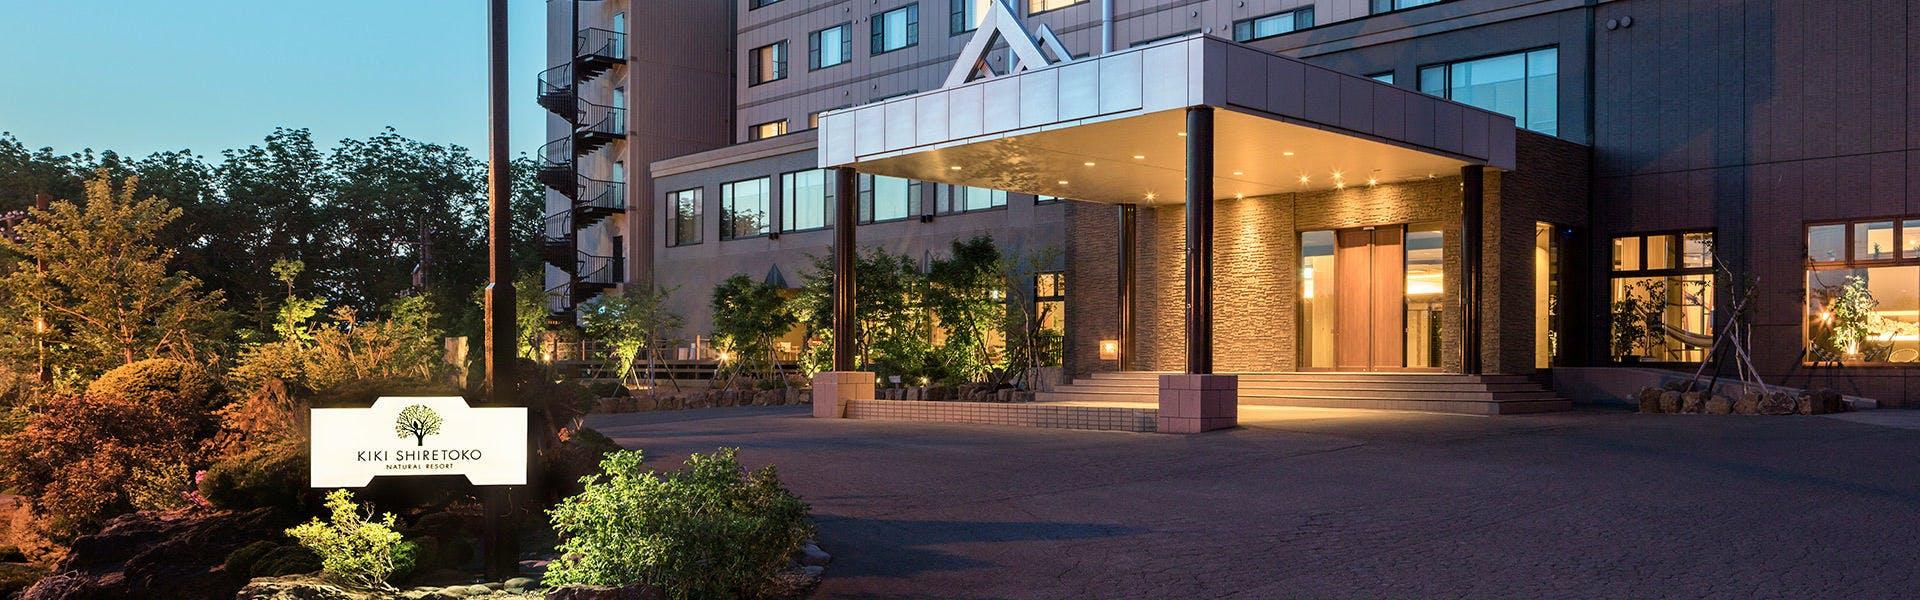 記念日におすすめのホテル・【KIKI知床 ナチュラルリゾート】の写真1